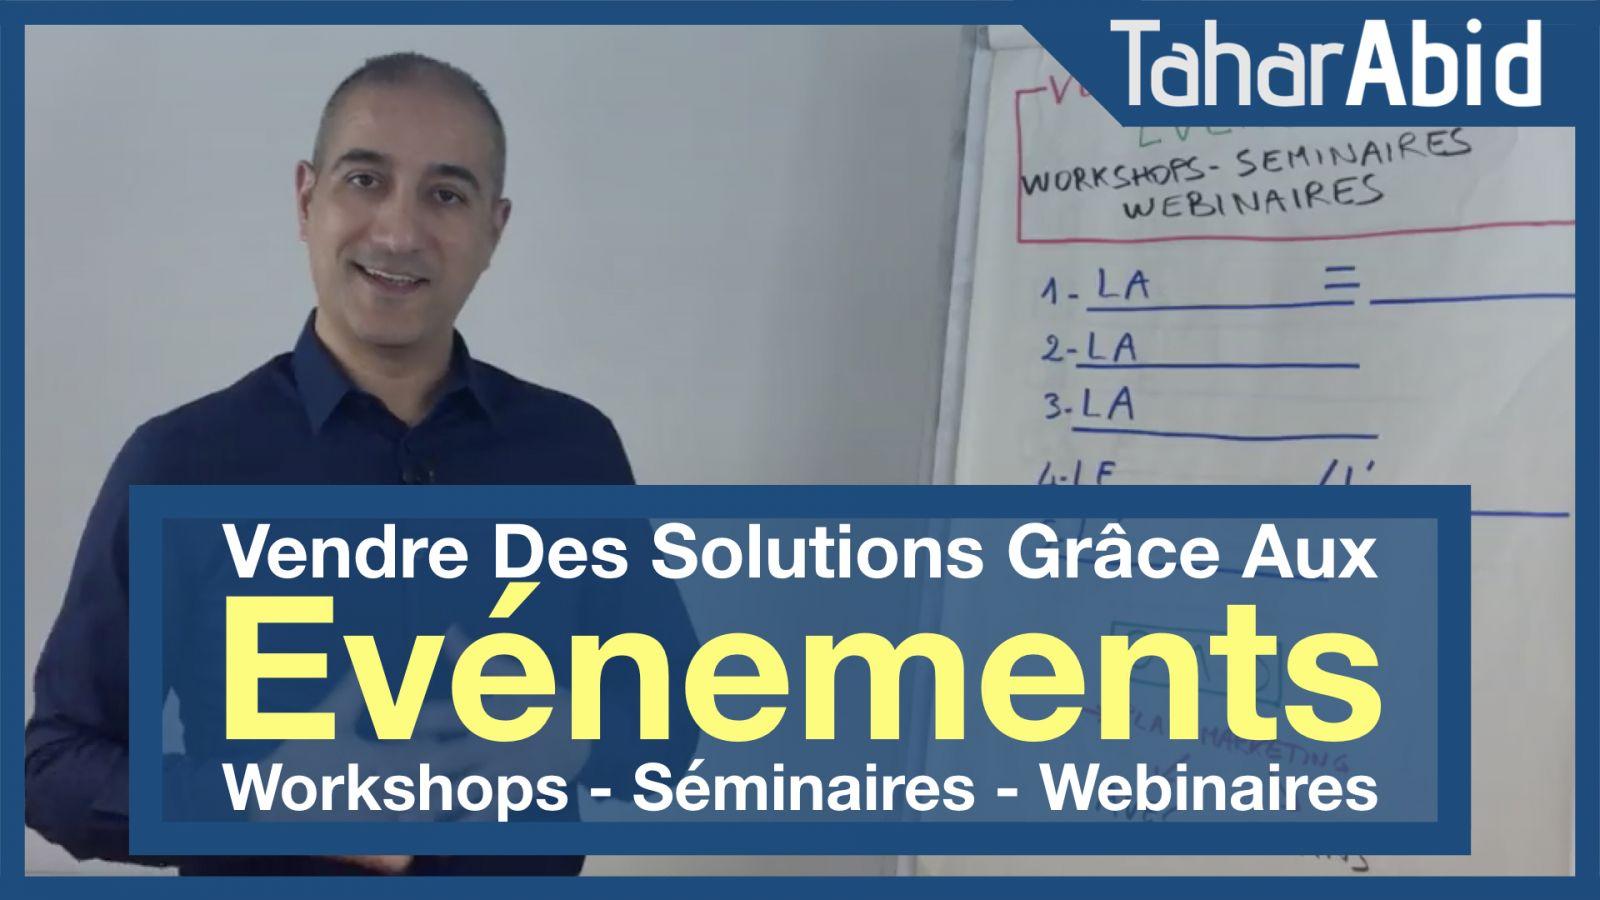 Comment vendre grâce aux événements (workshops, séminaires, webinaires...)